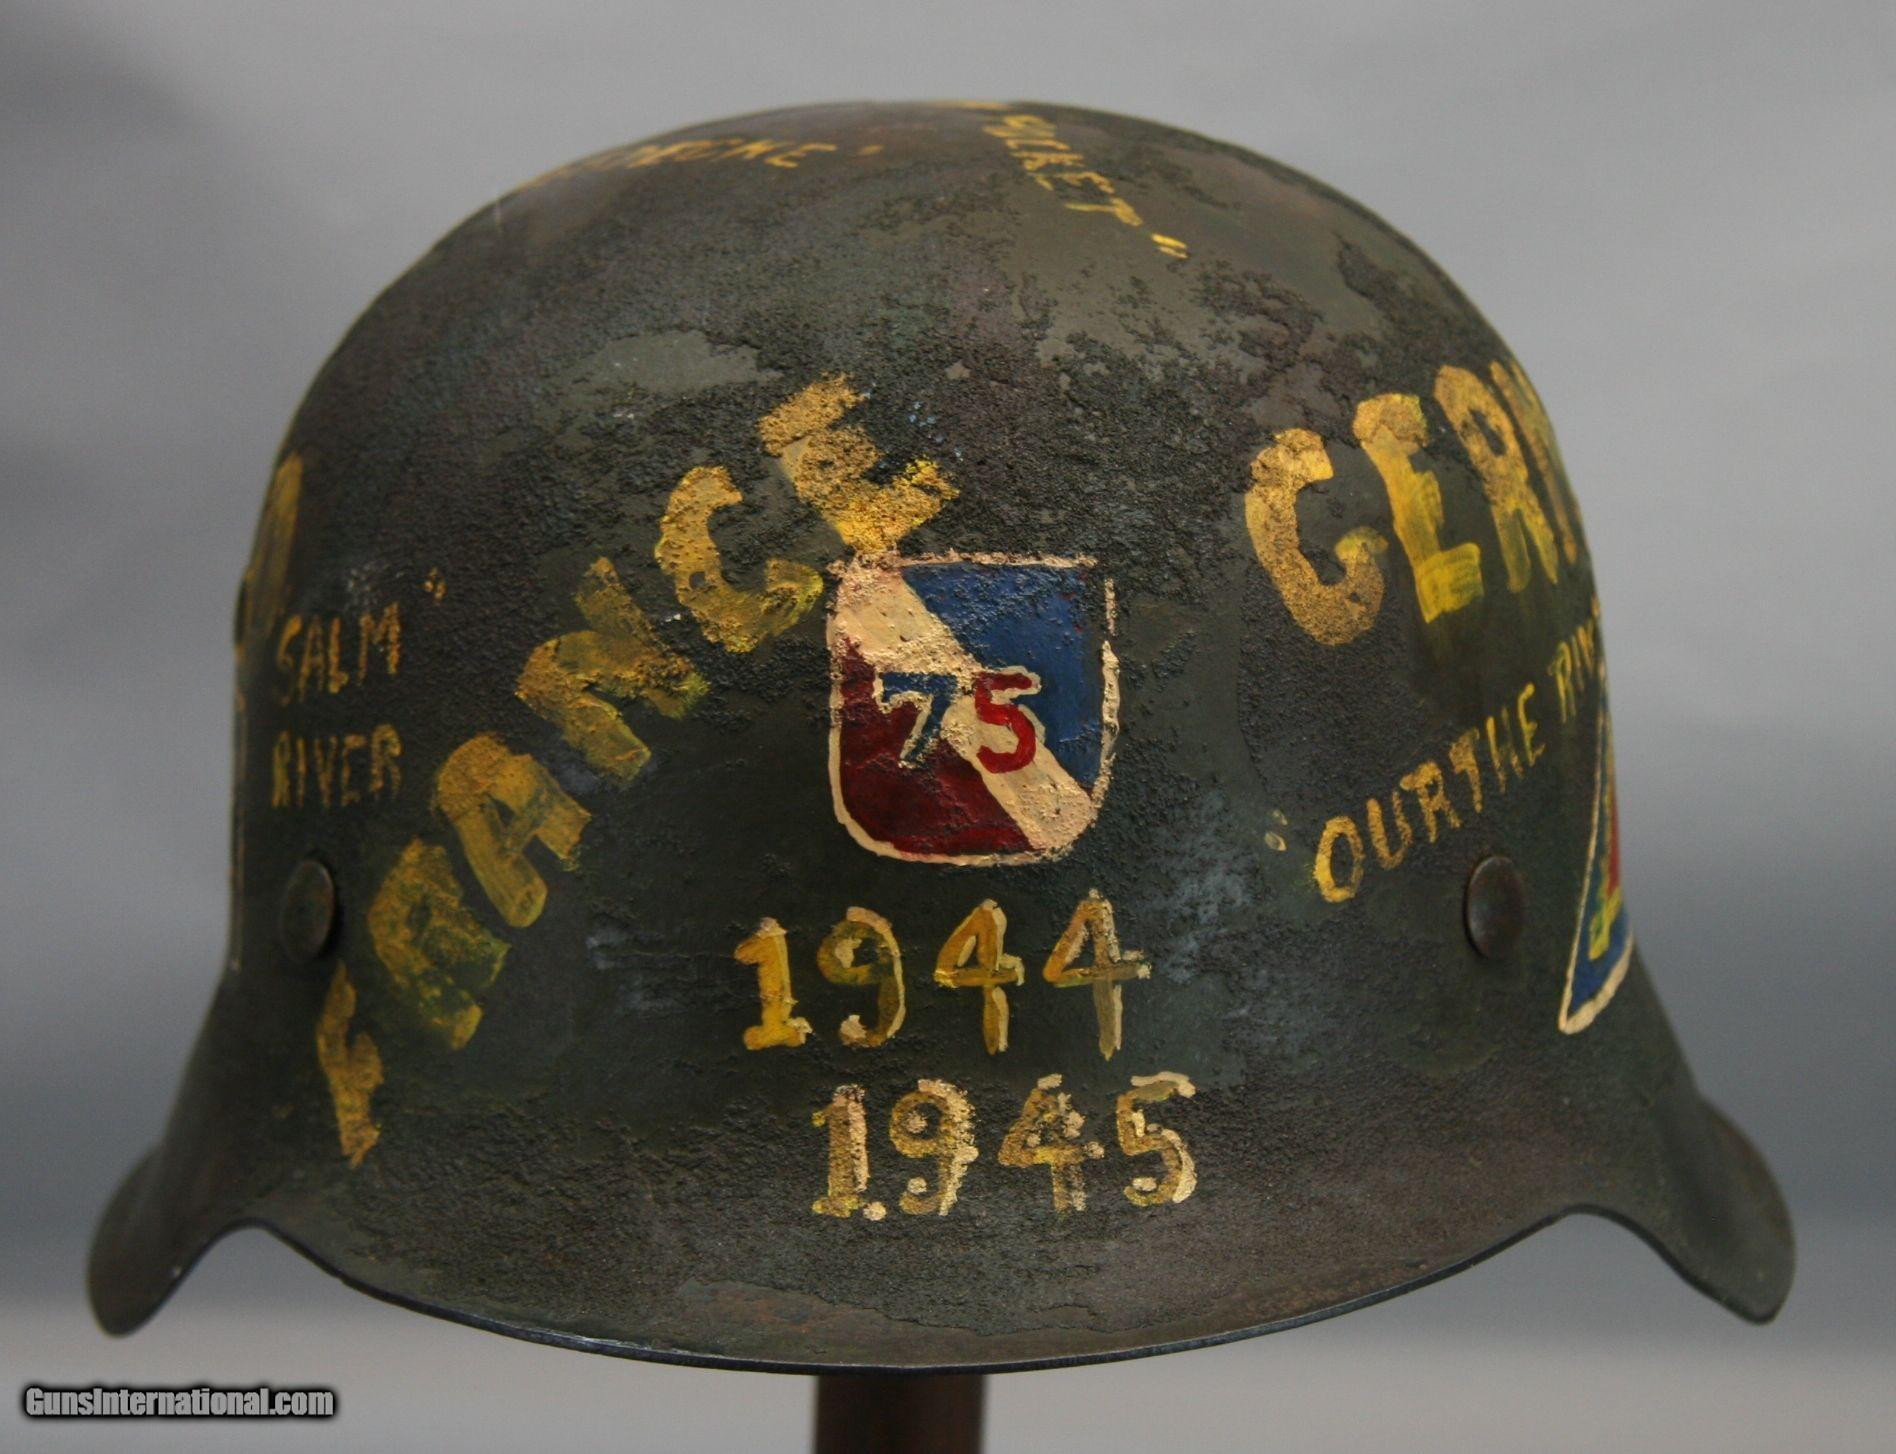 WW2 German M42 Souvenir Helmet, 75th Div for sale